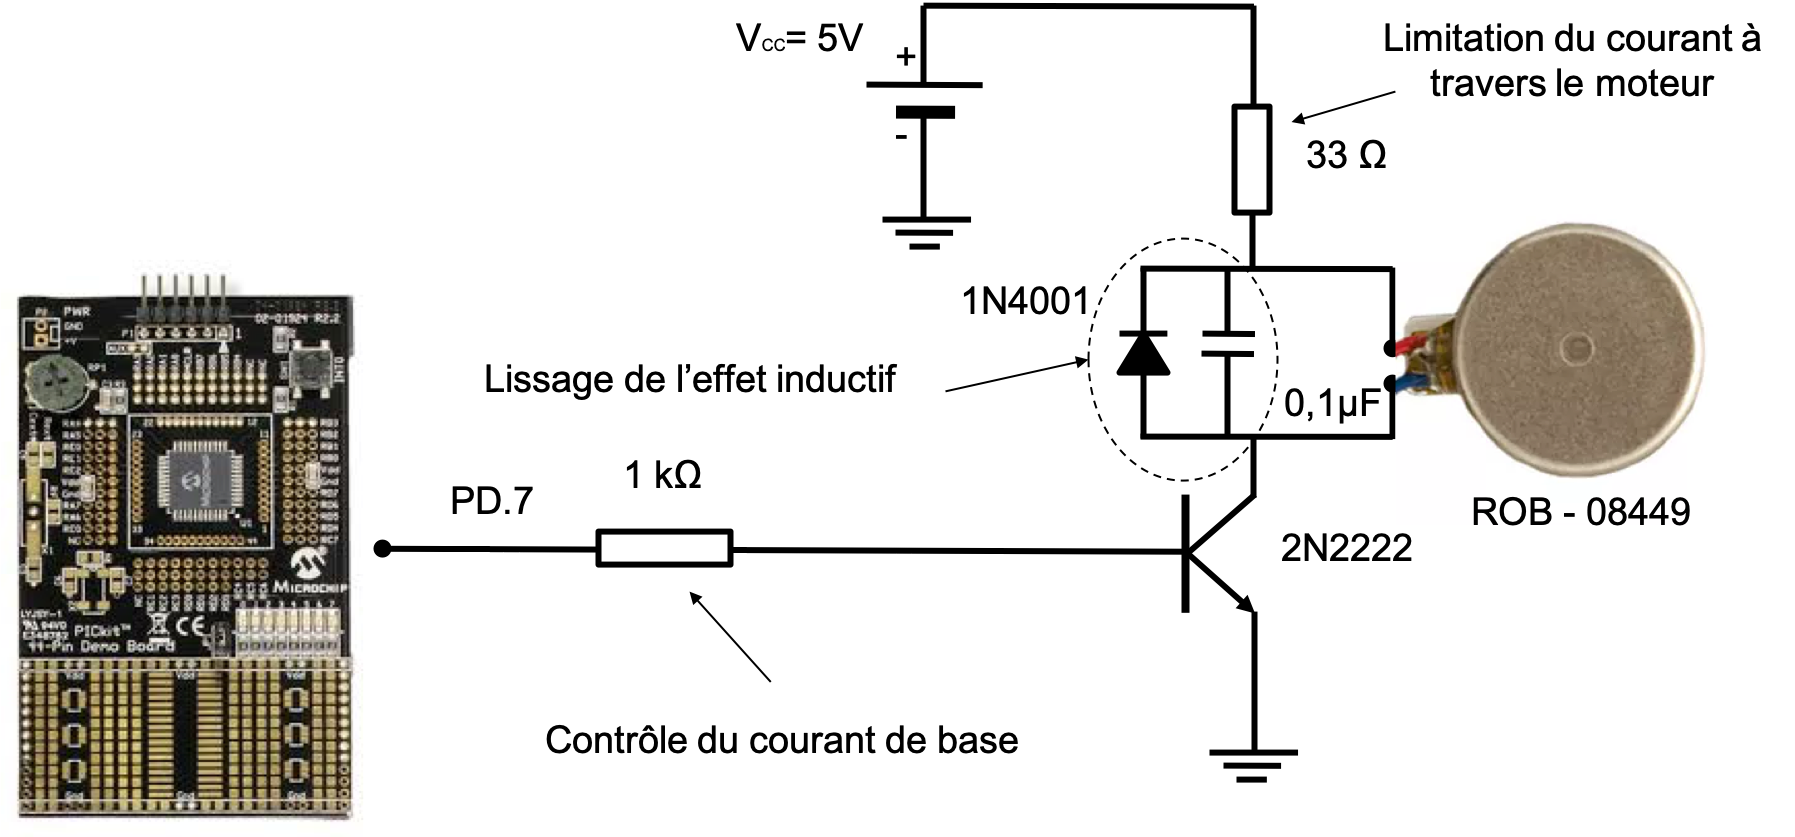 Connection d'un petit moteur à courant continu, à la carte de développement à microcontrôleur